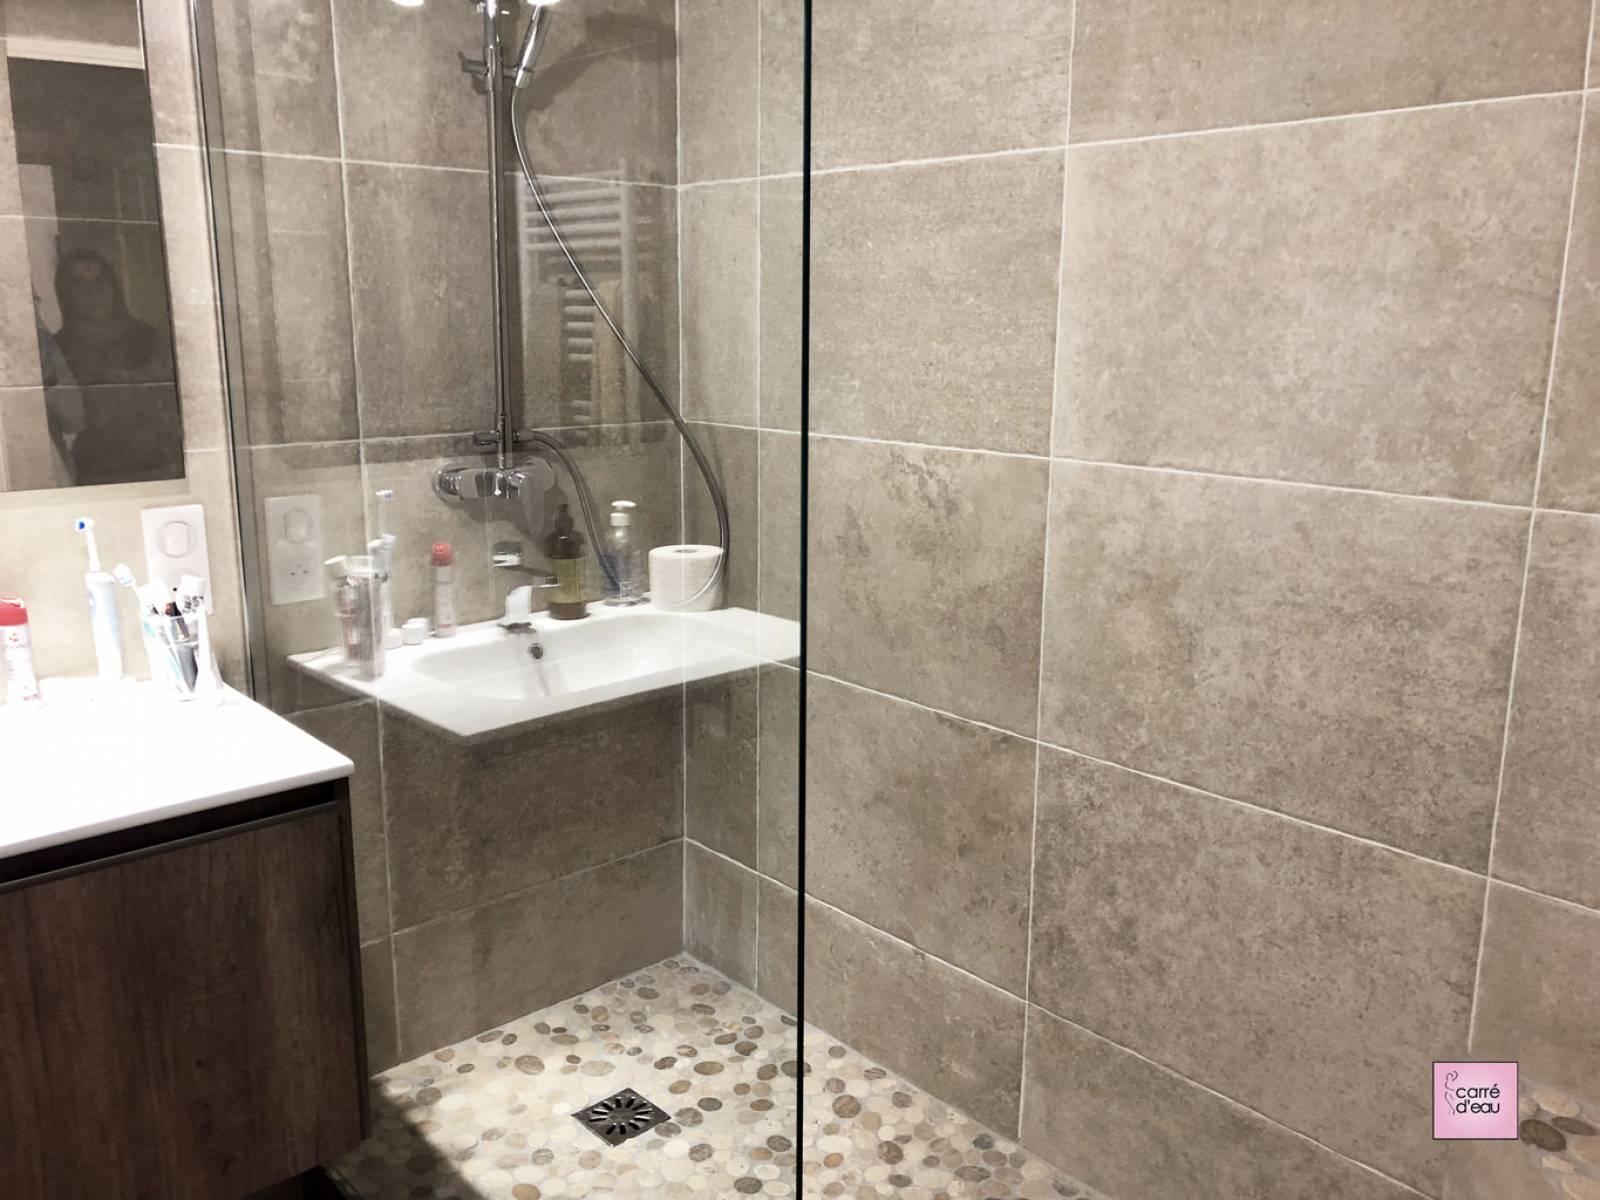 Salle de bain de 4m2 complète et confortable à Montpellier ...